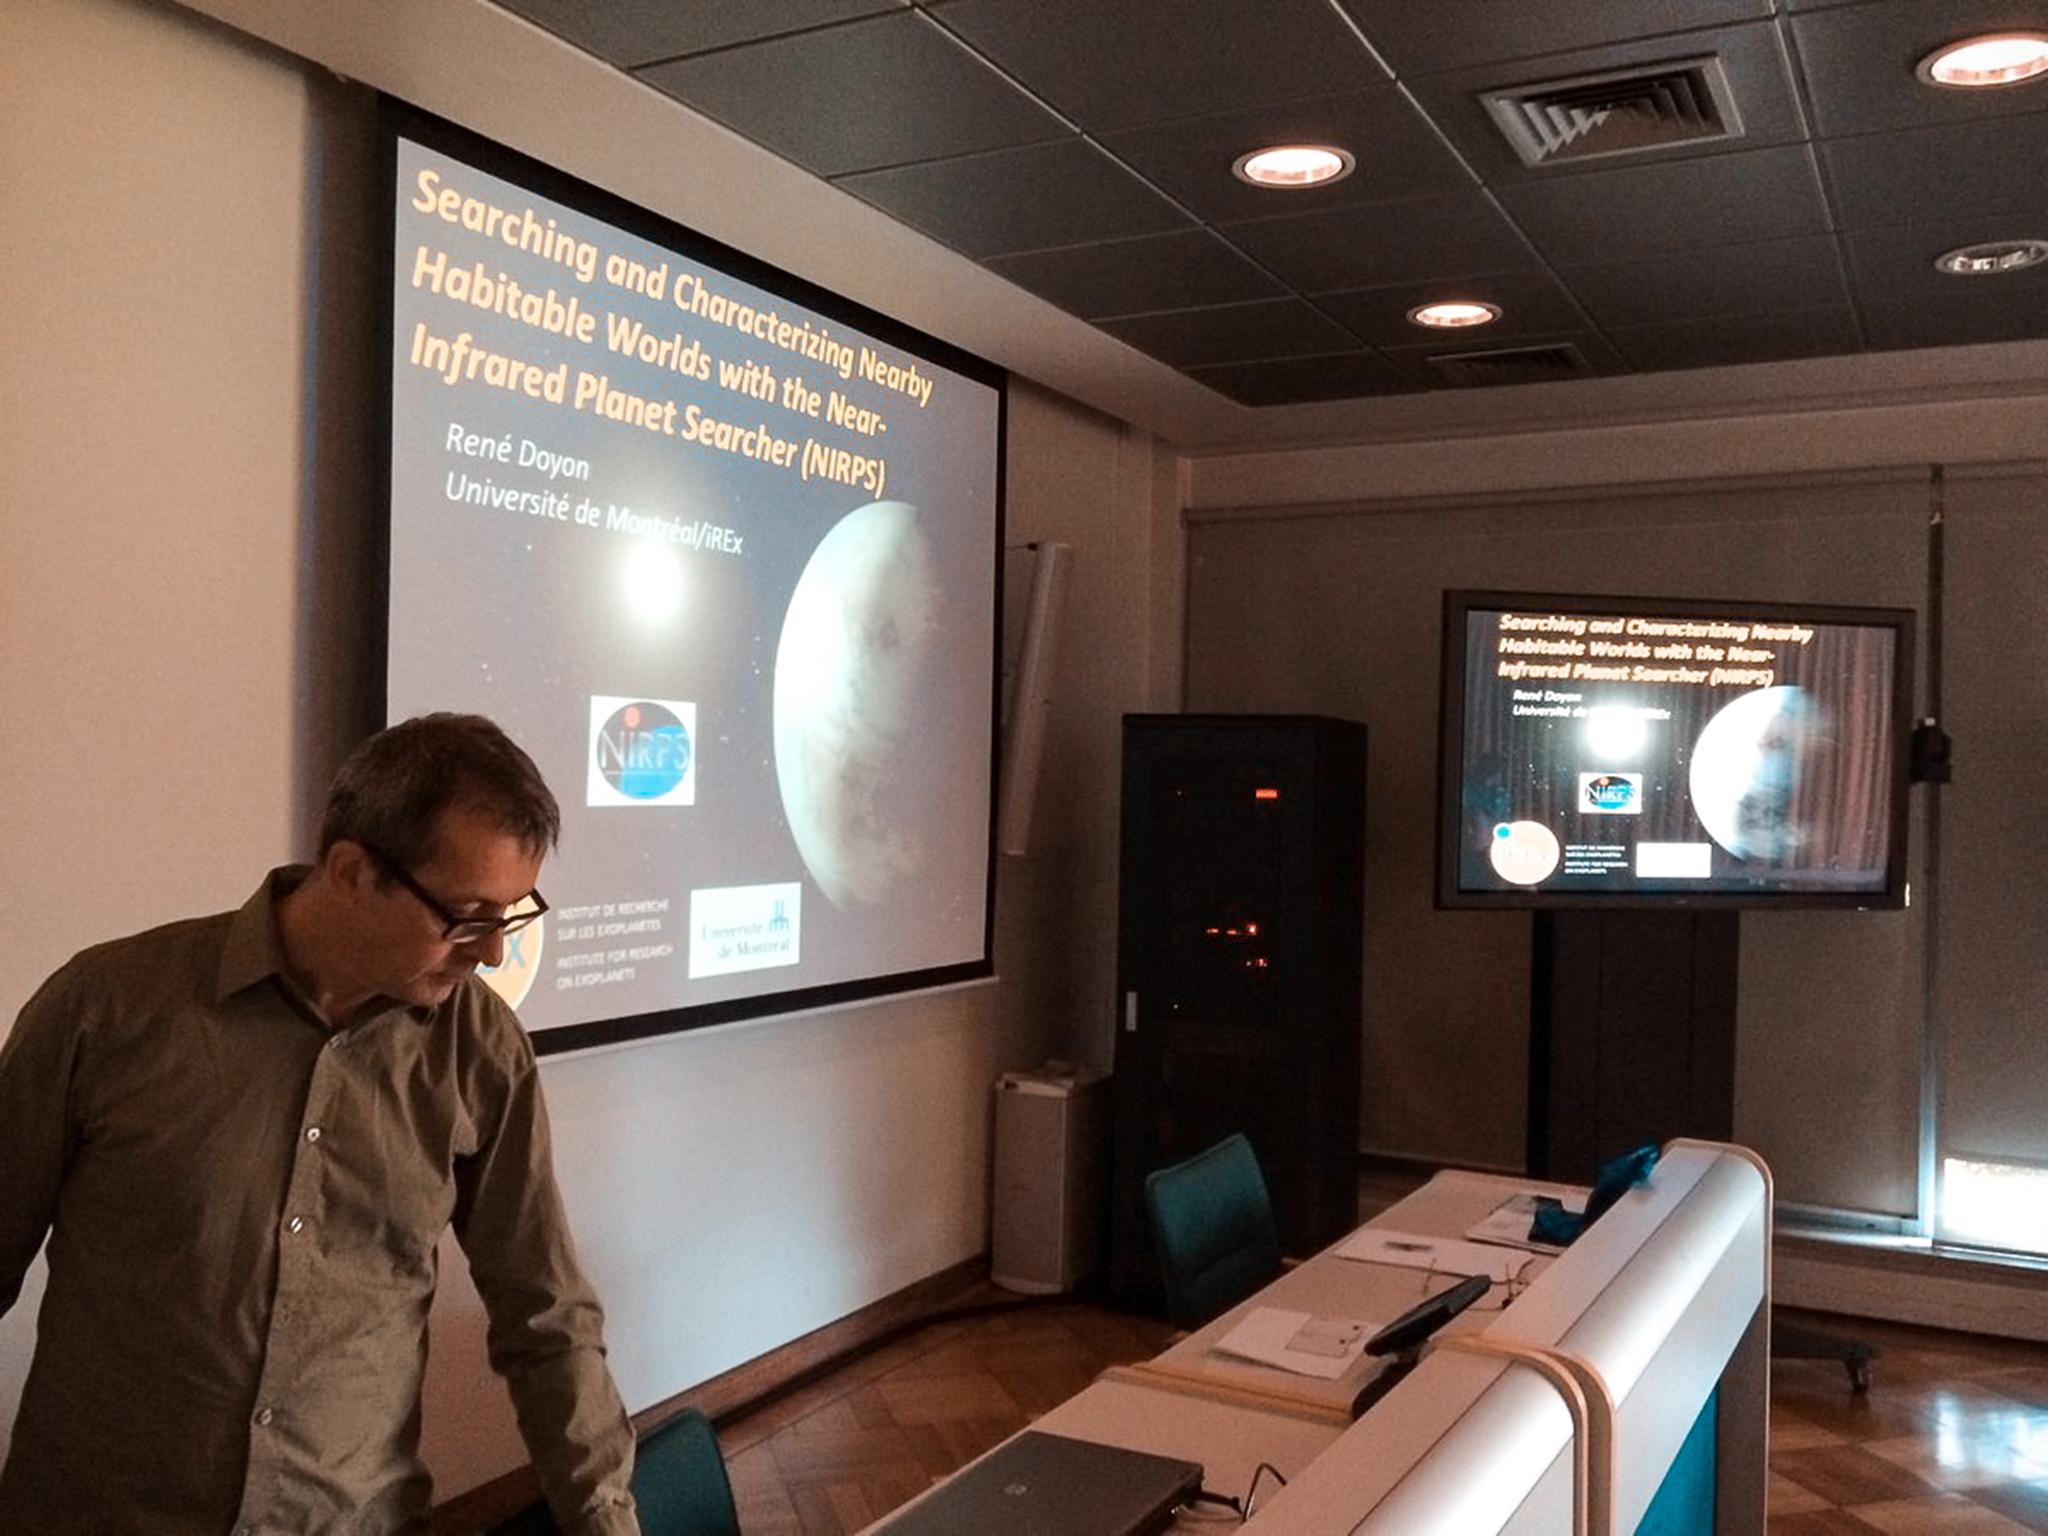 Novo instrumento para detectar planetas potencialmente habitáveis